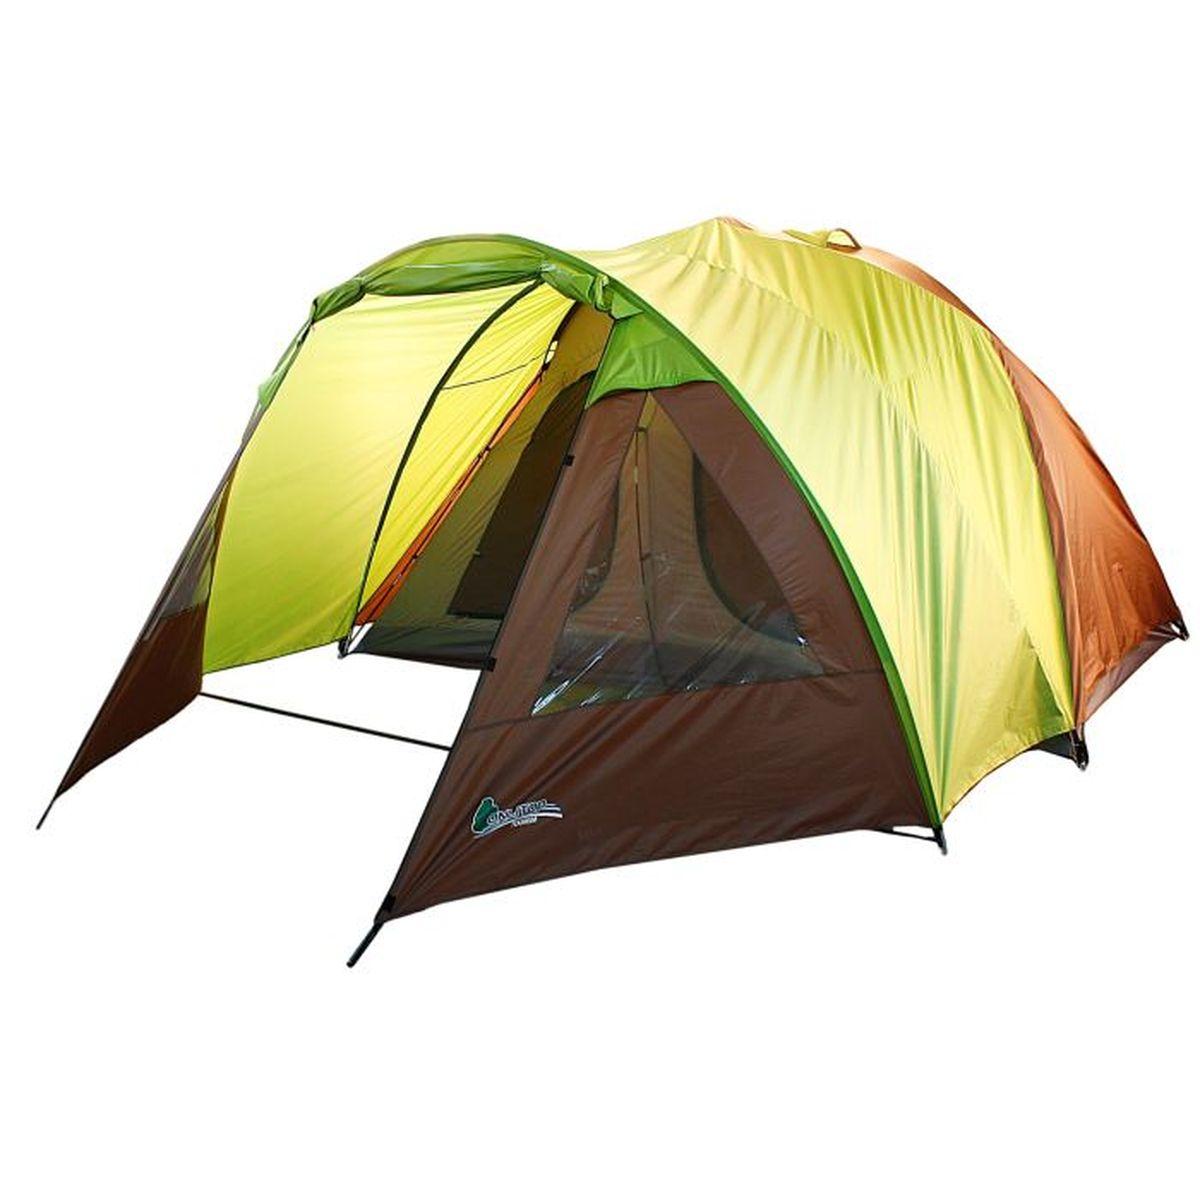 Палатка туристическая Onlitop Minnesota, 6-местная, цвет: желтый, коричневый867028Если вы заядлый турист или просто любитель природы, вы хоть раз задумывались о ночевке на свежем воздухе. Чтобы провести ее с комфортом, вам понадобится отличная палатка Onlitop Minnesota. Она обеспечит безопасный досуг и защитит от непогоды и насекомых. Ткань рипстоп гарантирует длительную эксплуатацию палатки за счет высокой прочности материала.Конструкция палатки:- 2 палатки объединены общим тамбуром;- 1 вход в тамбур;- отдельный вход в каждую палатку.Внутреннее оснащение:- москитная сетка на входе;- 2 больших окна в тамбуре;- 6 вентиляционных окон;- карманы для хранения вещей.Размер палатки: 448 x 370 x 190 см (тамбур, 240 см + комната, 208 см).